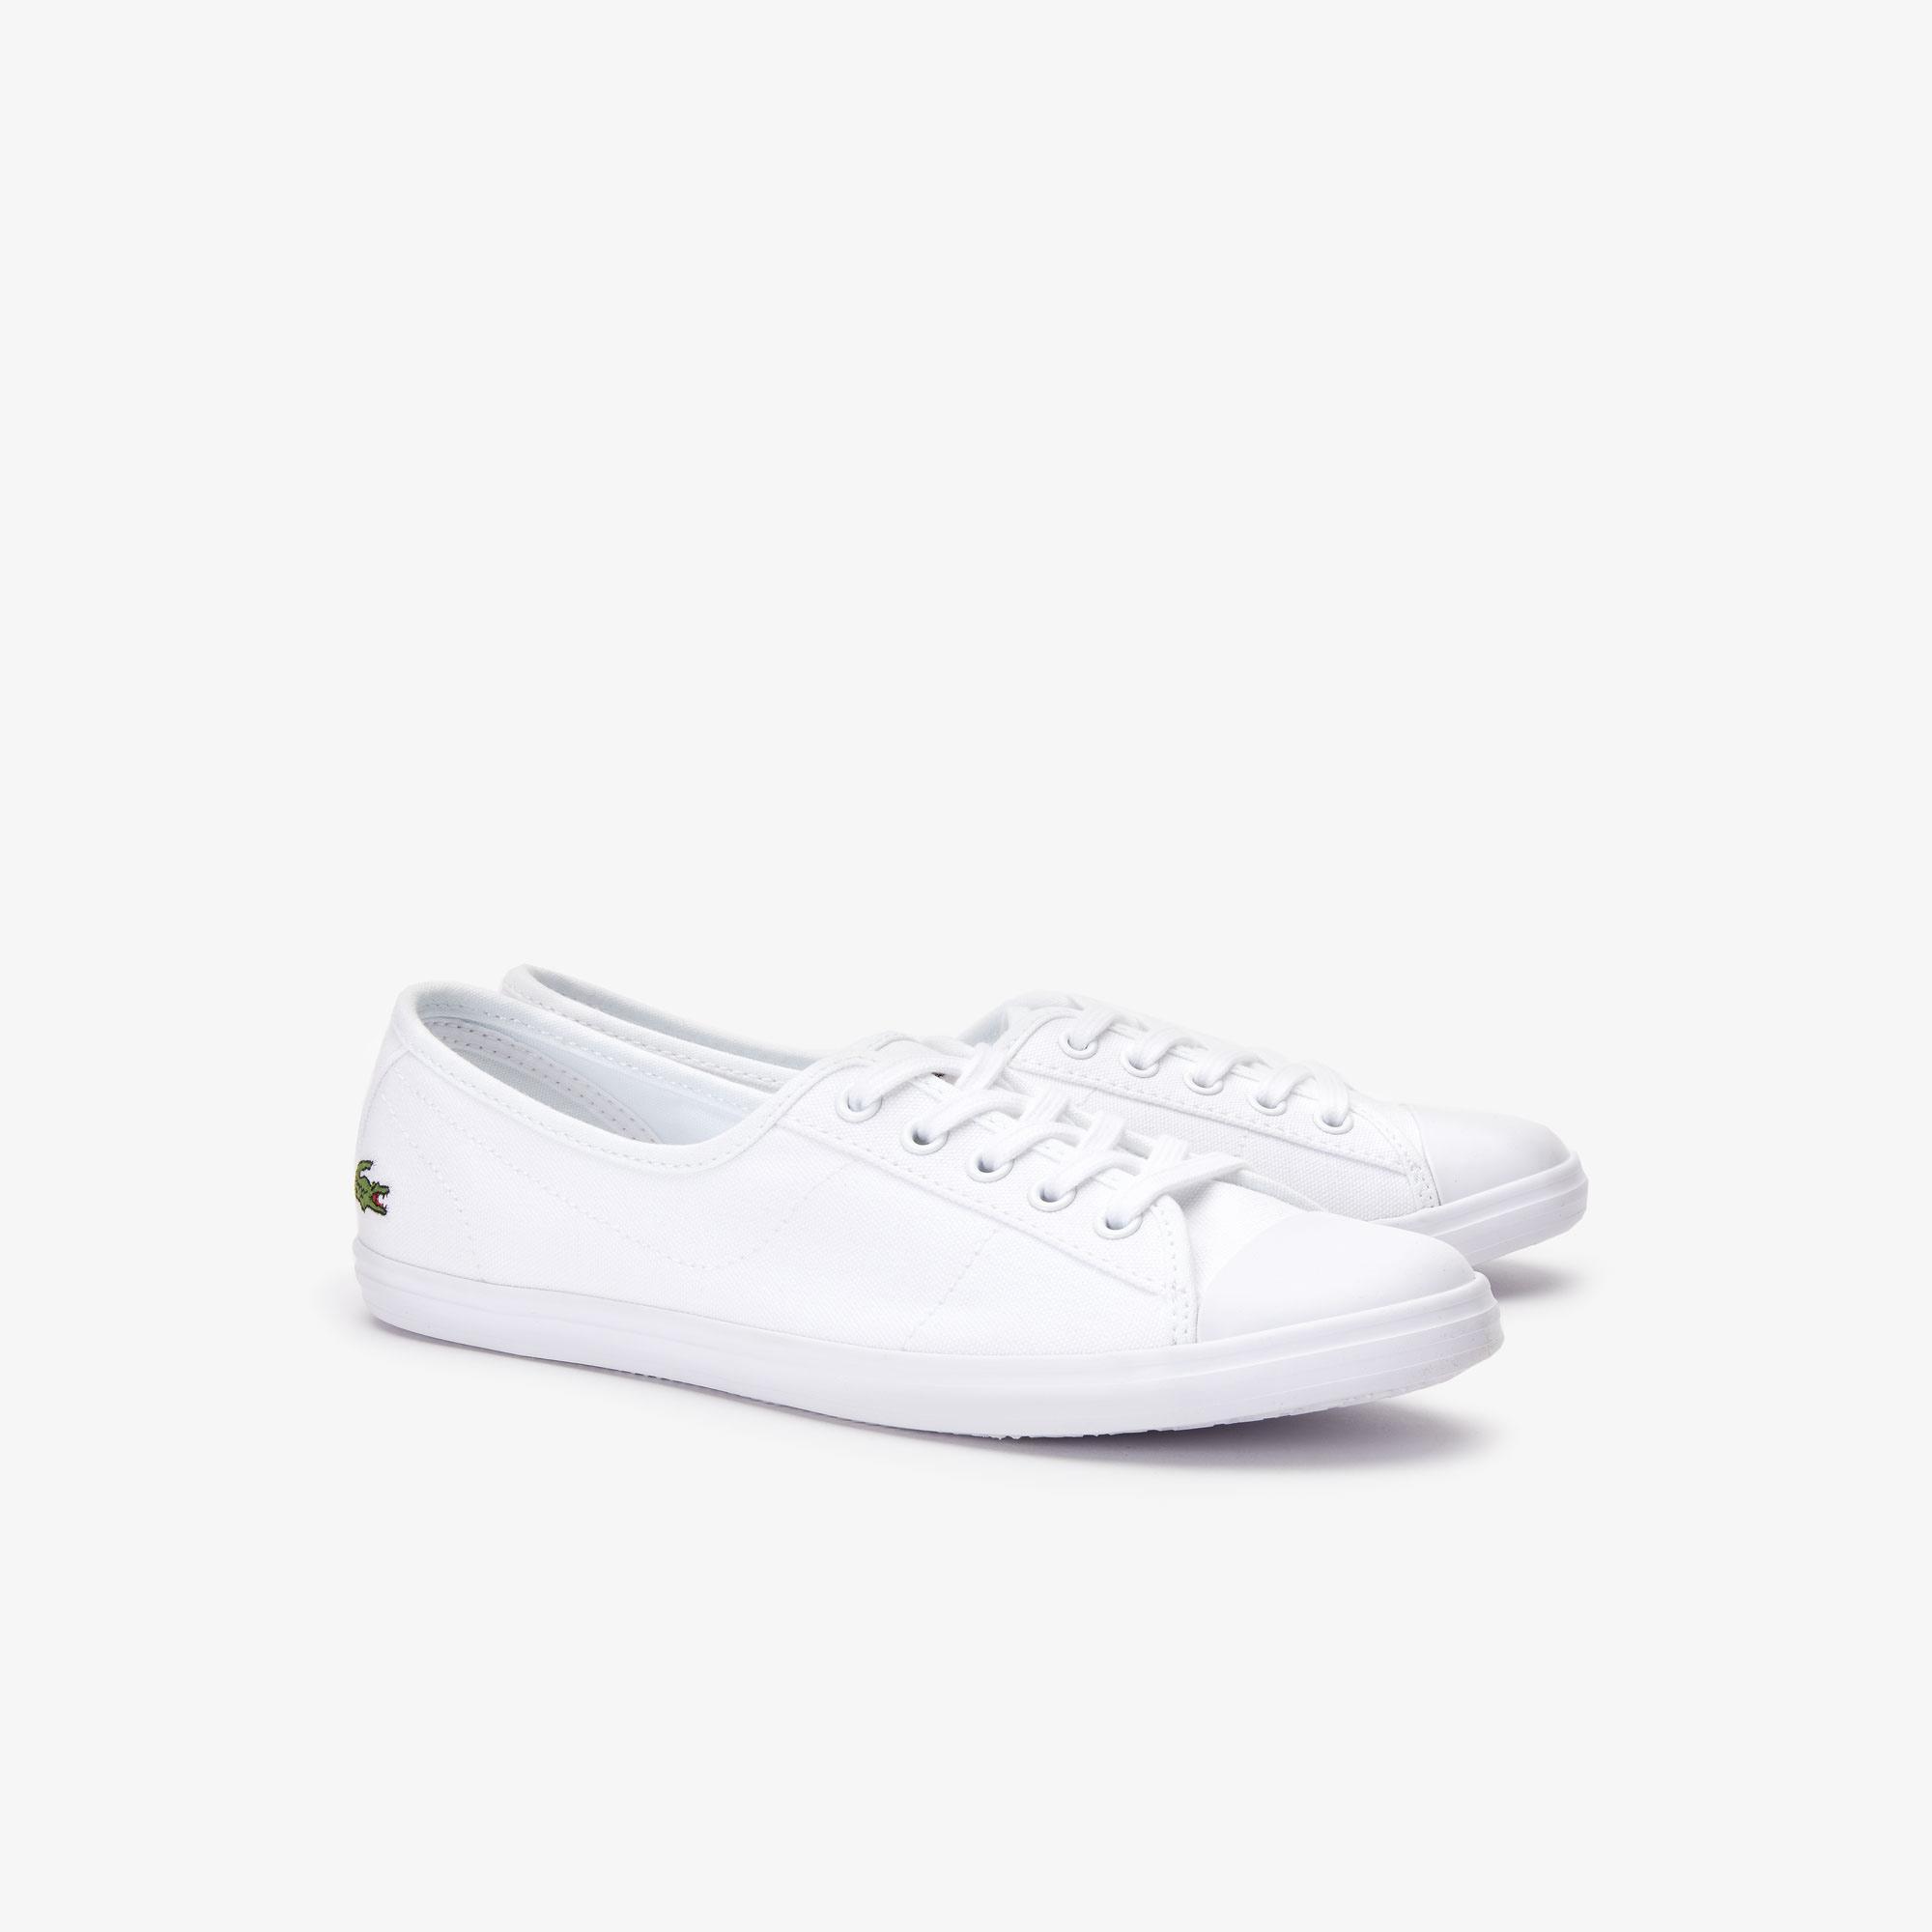 Lacoste Women's Ziane Canvas Sneakers